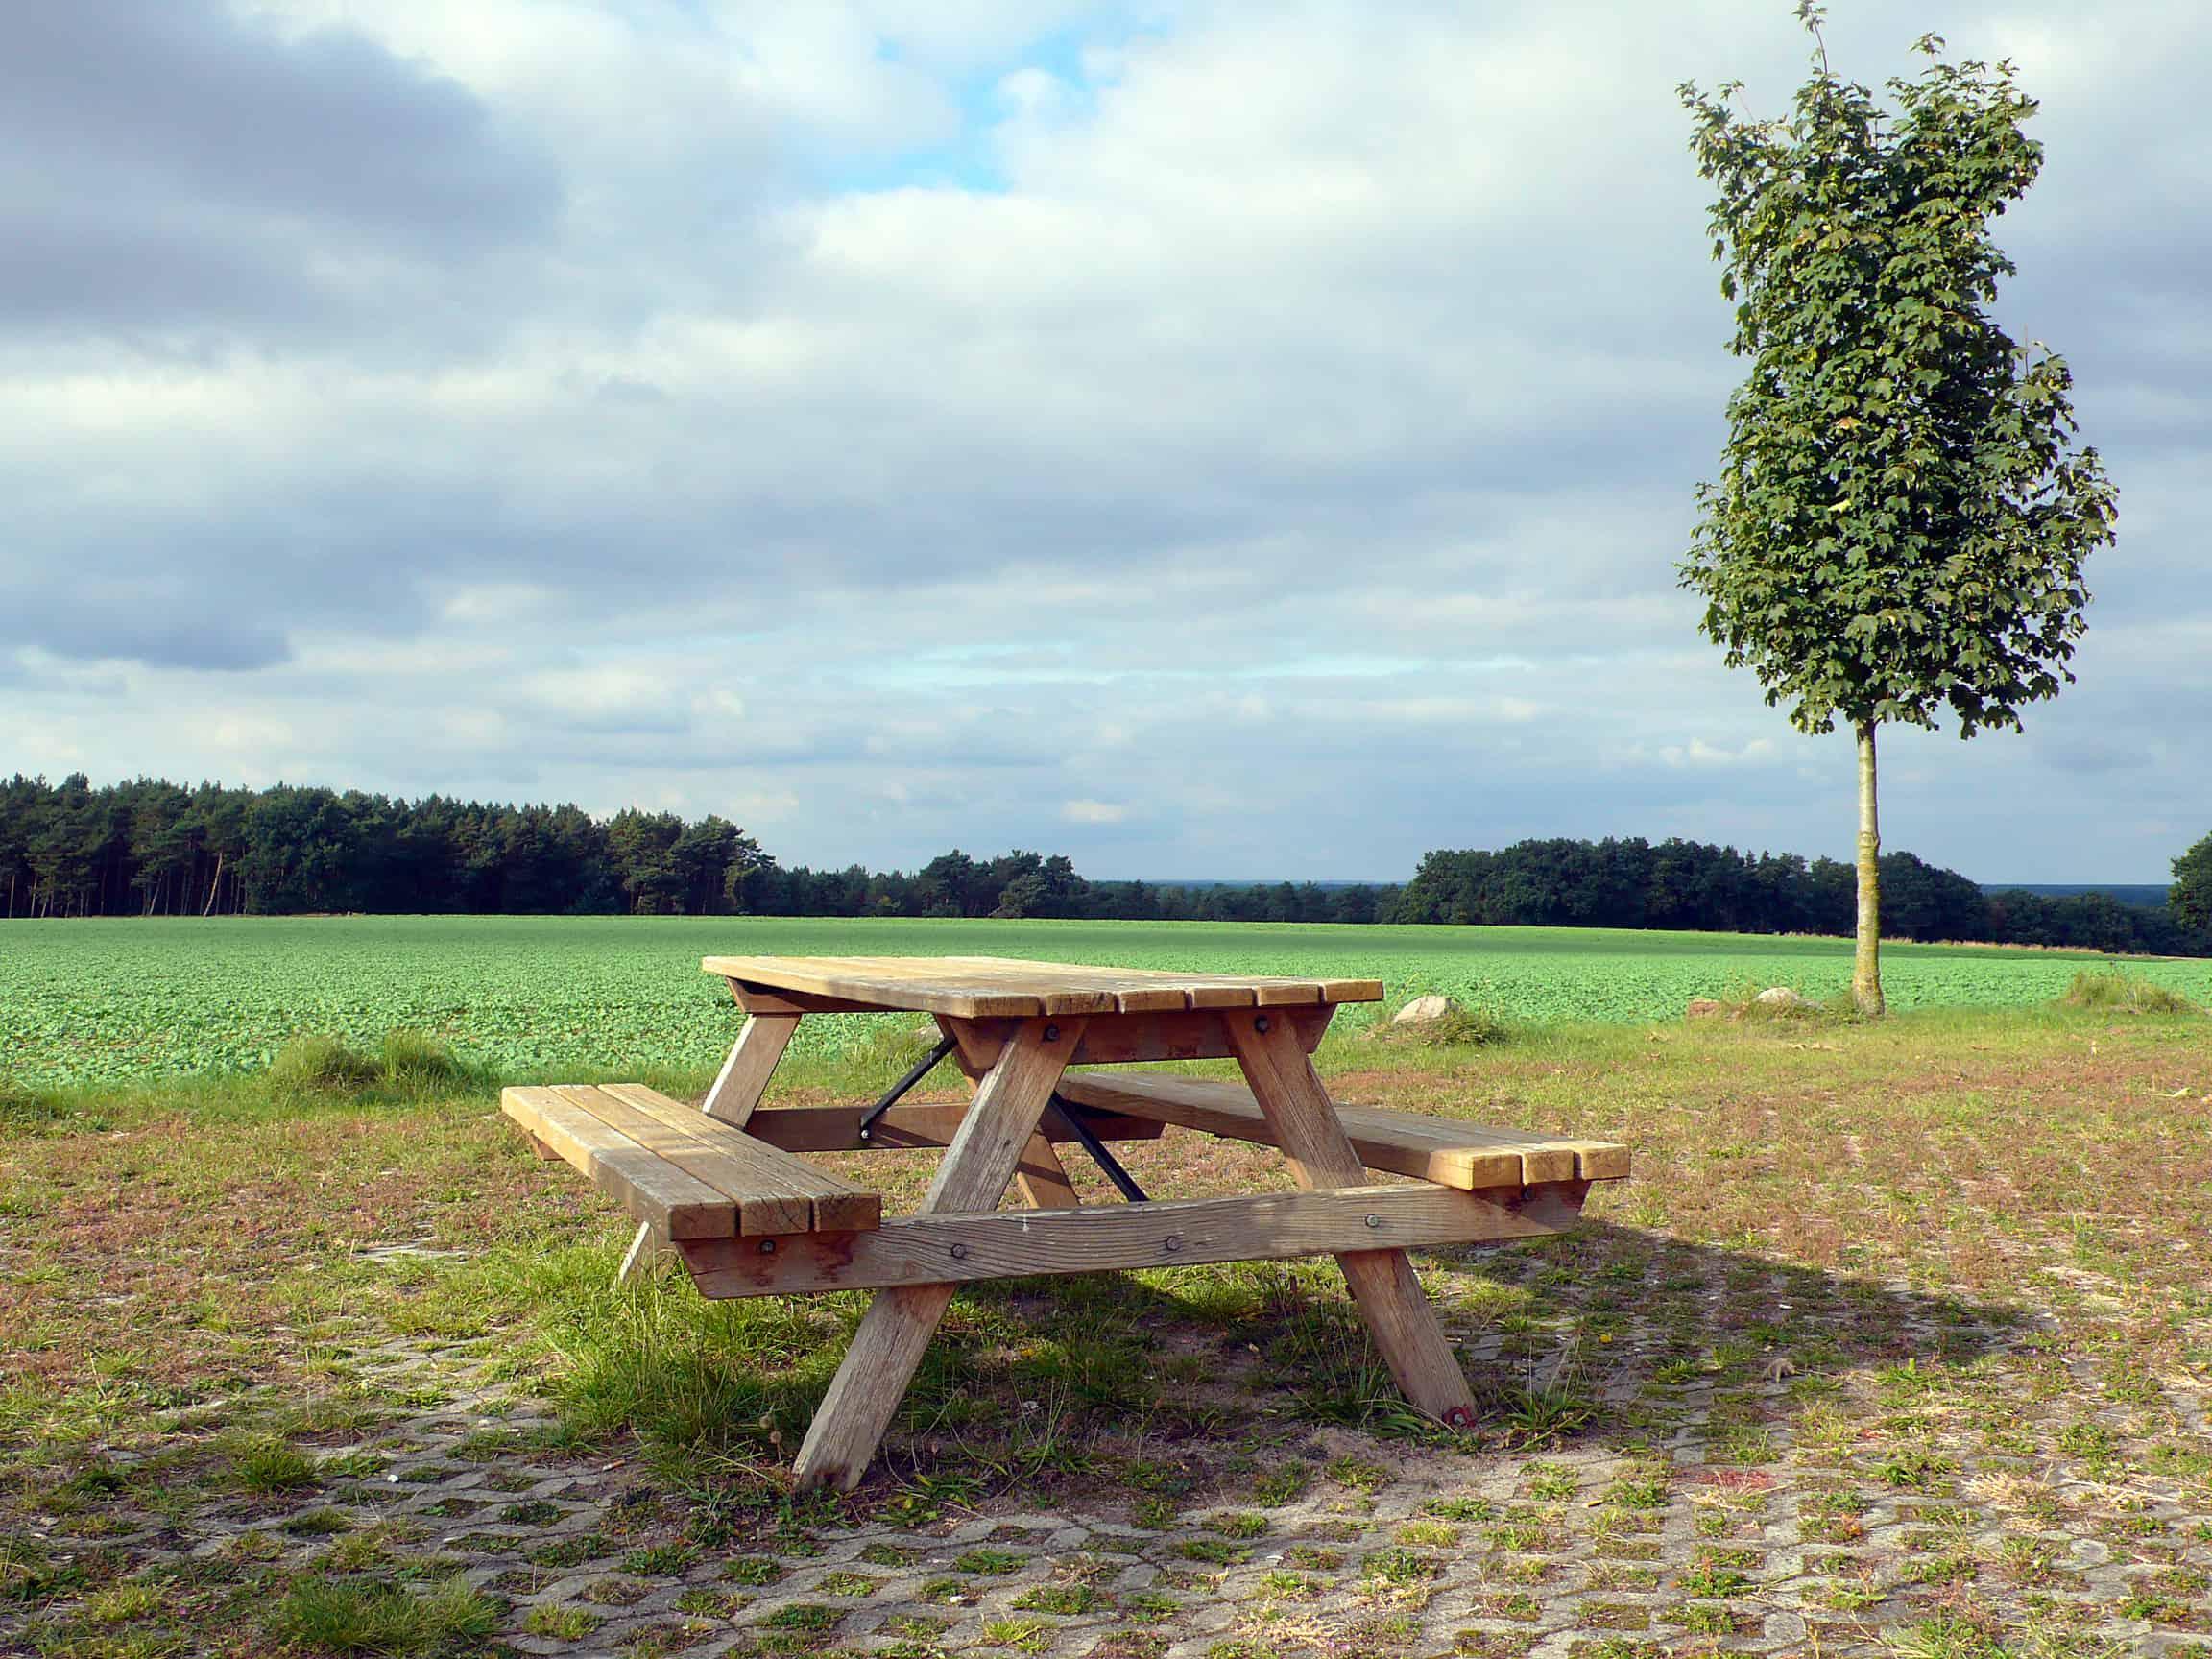 Ein hölzerner Tisch samt Bänken auf einem Rastplatz